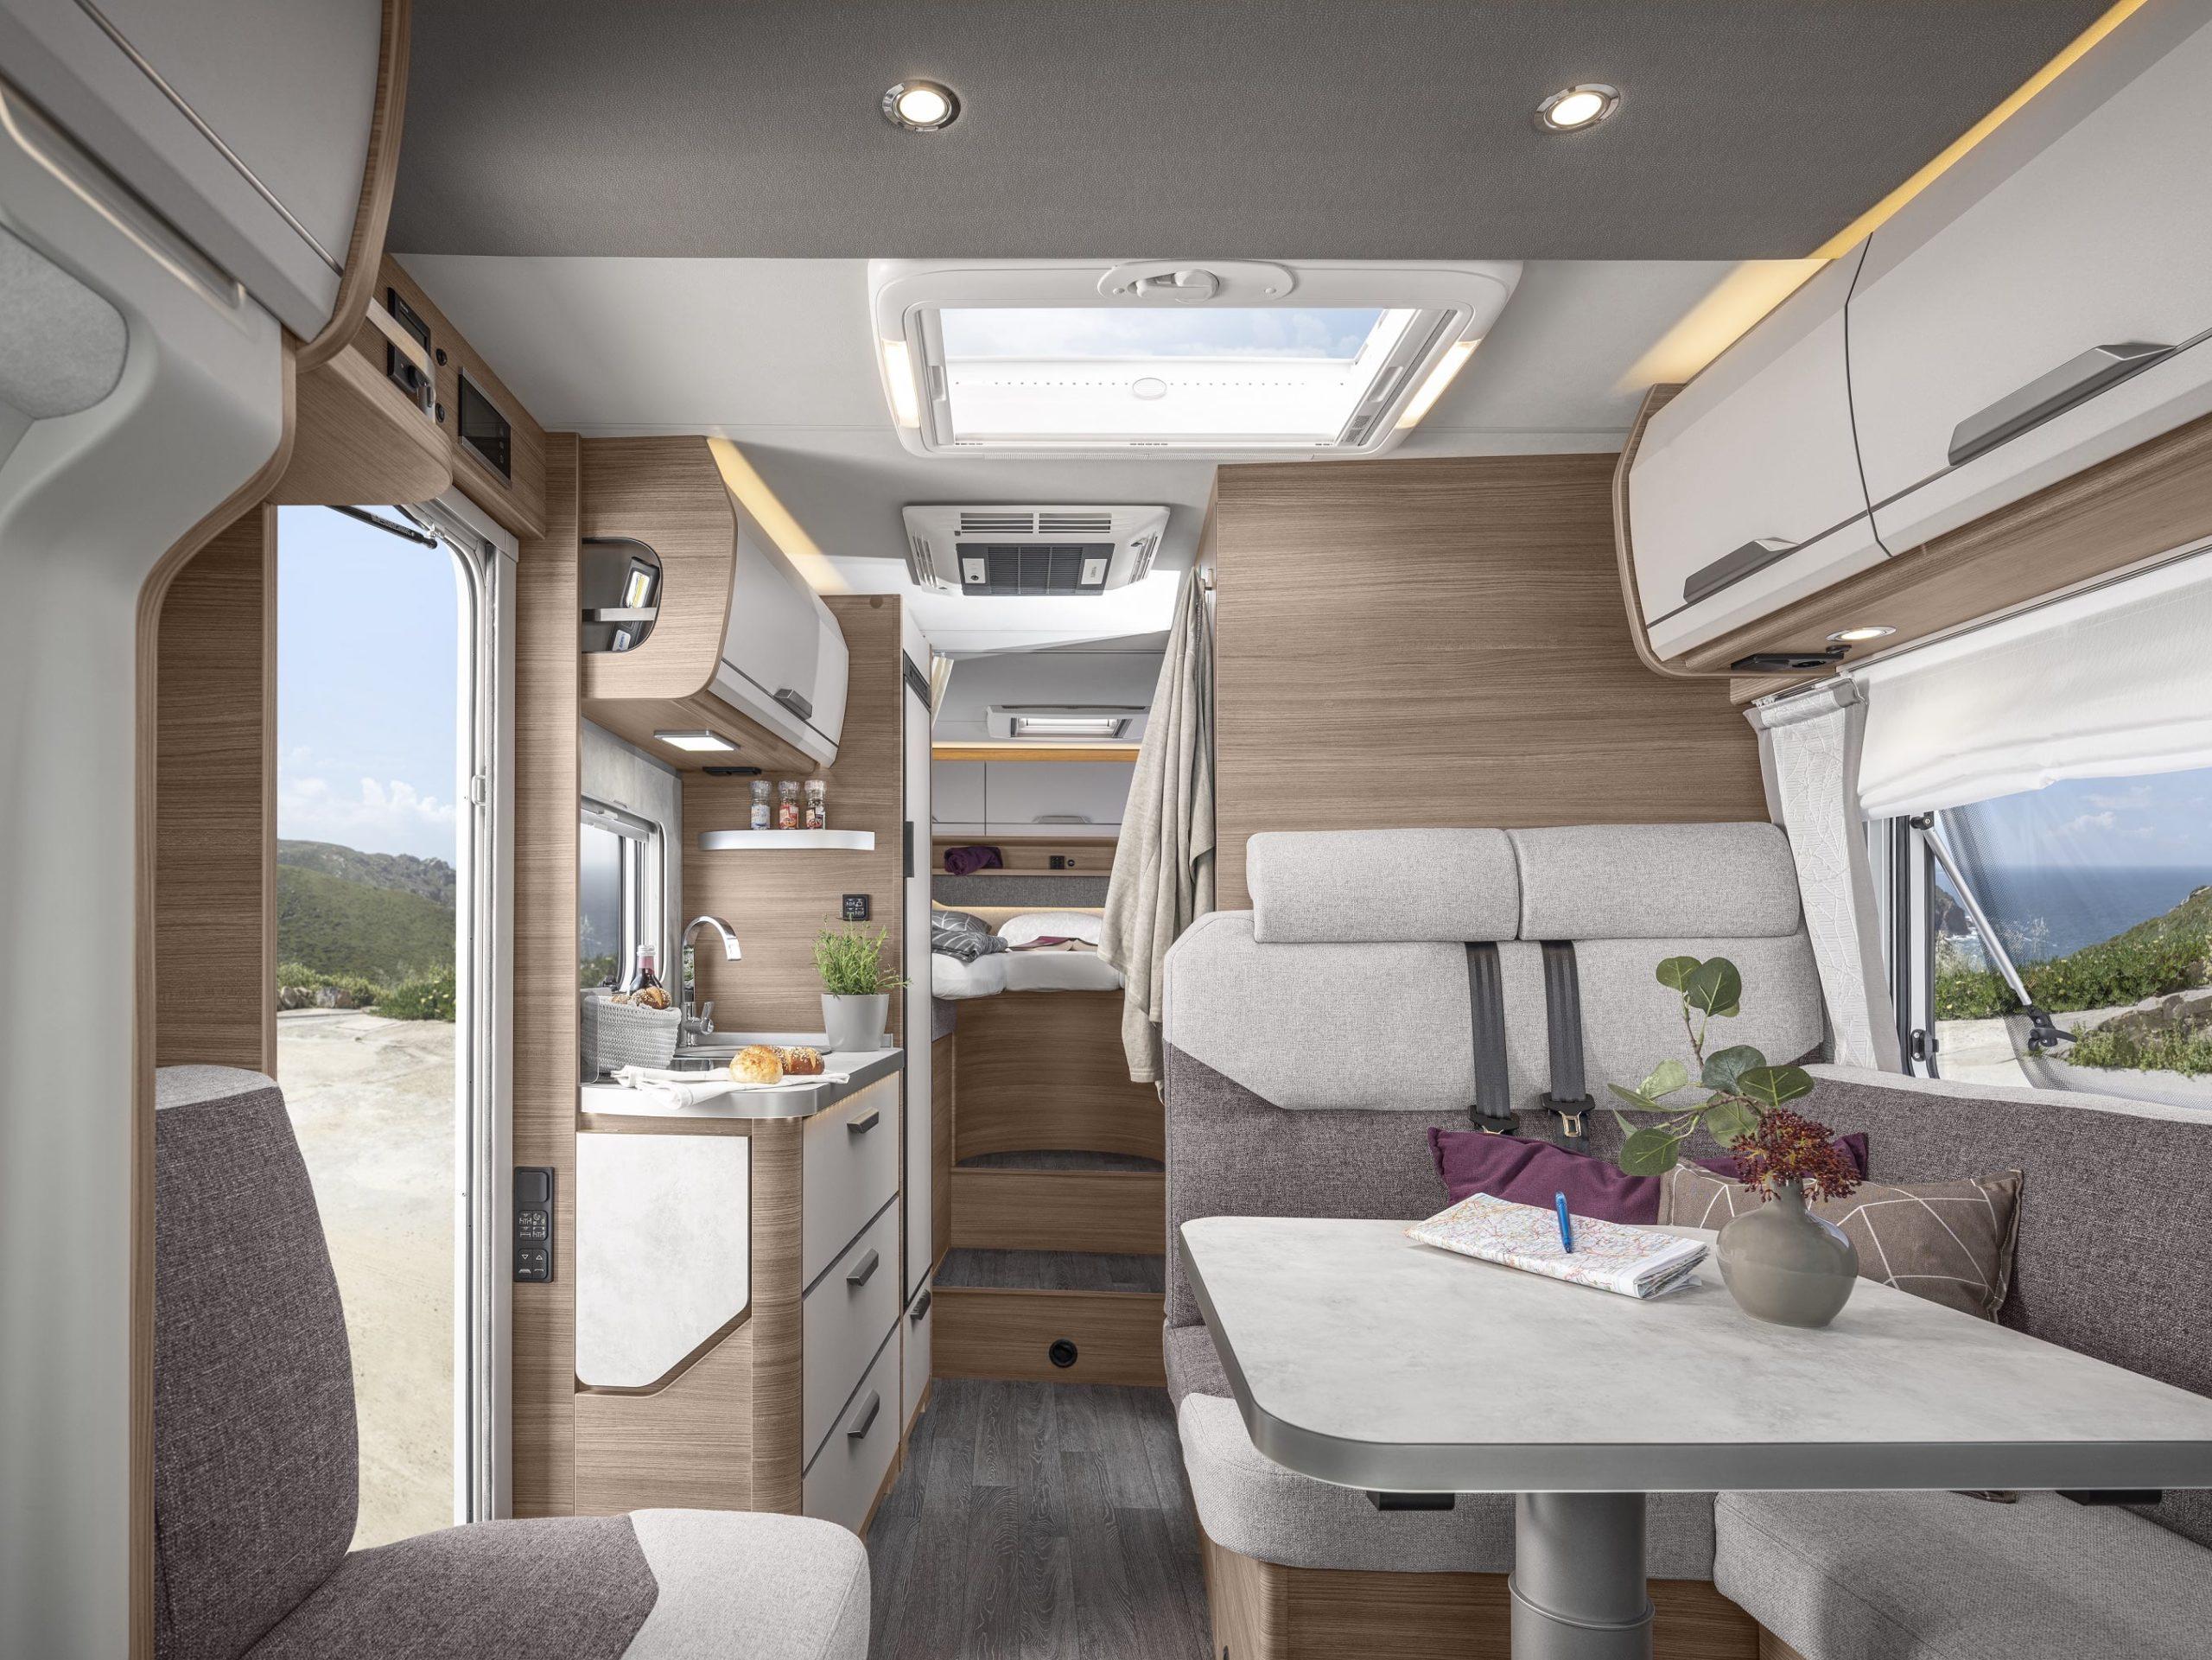 VAN TI 650 MEG 2021 - Das größere Van TI Modell der Knaus Tabbert Gruppe